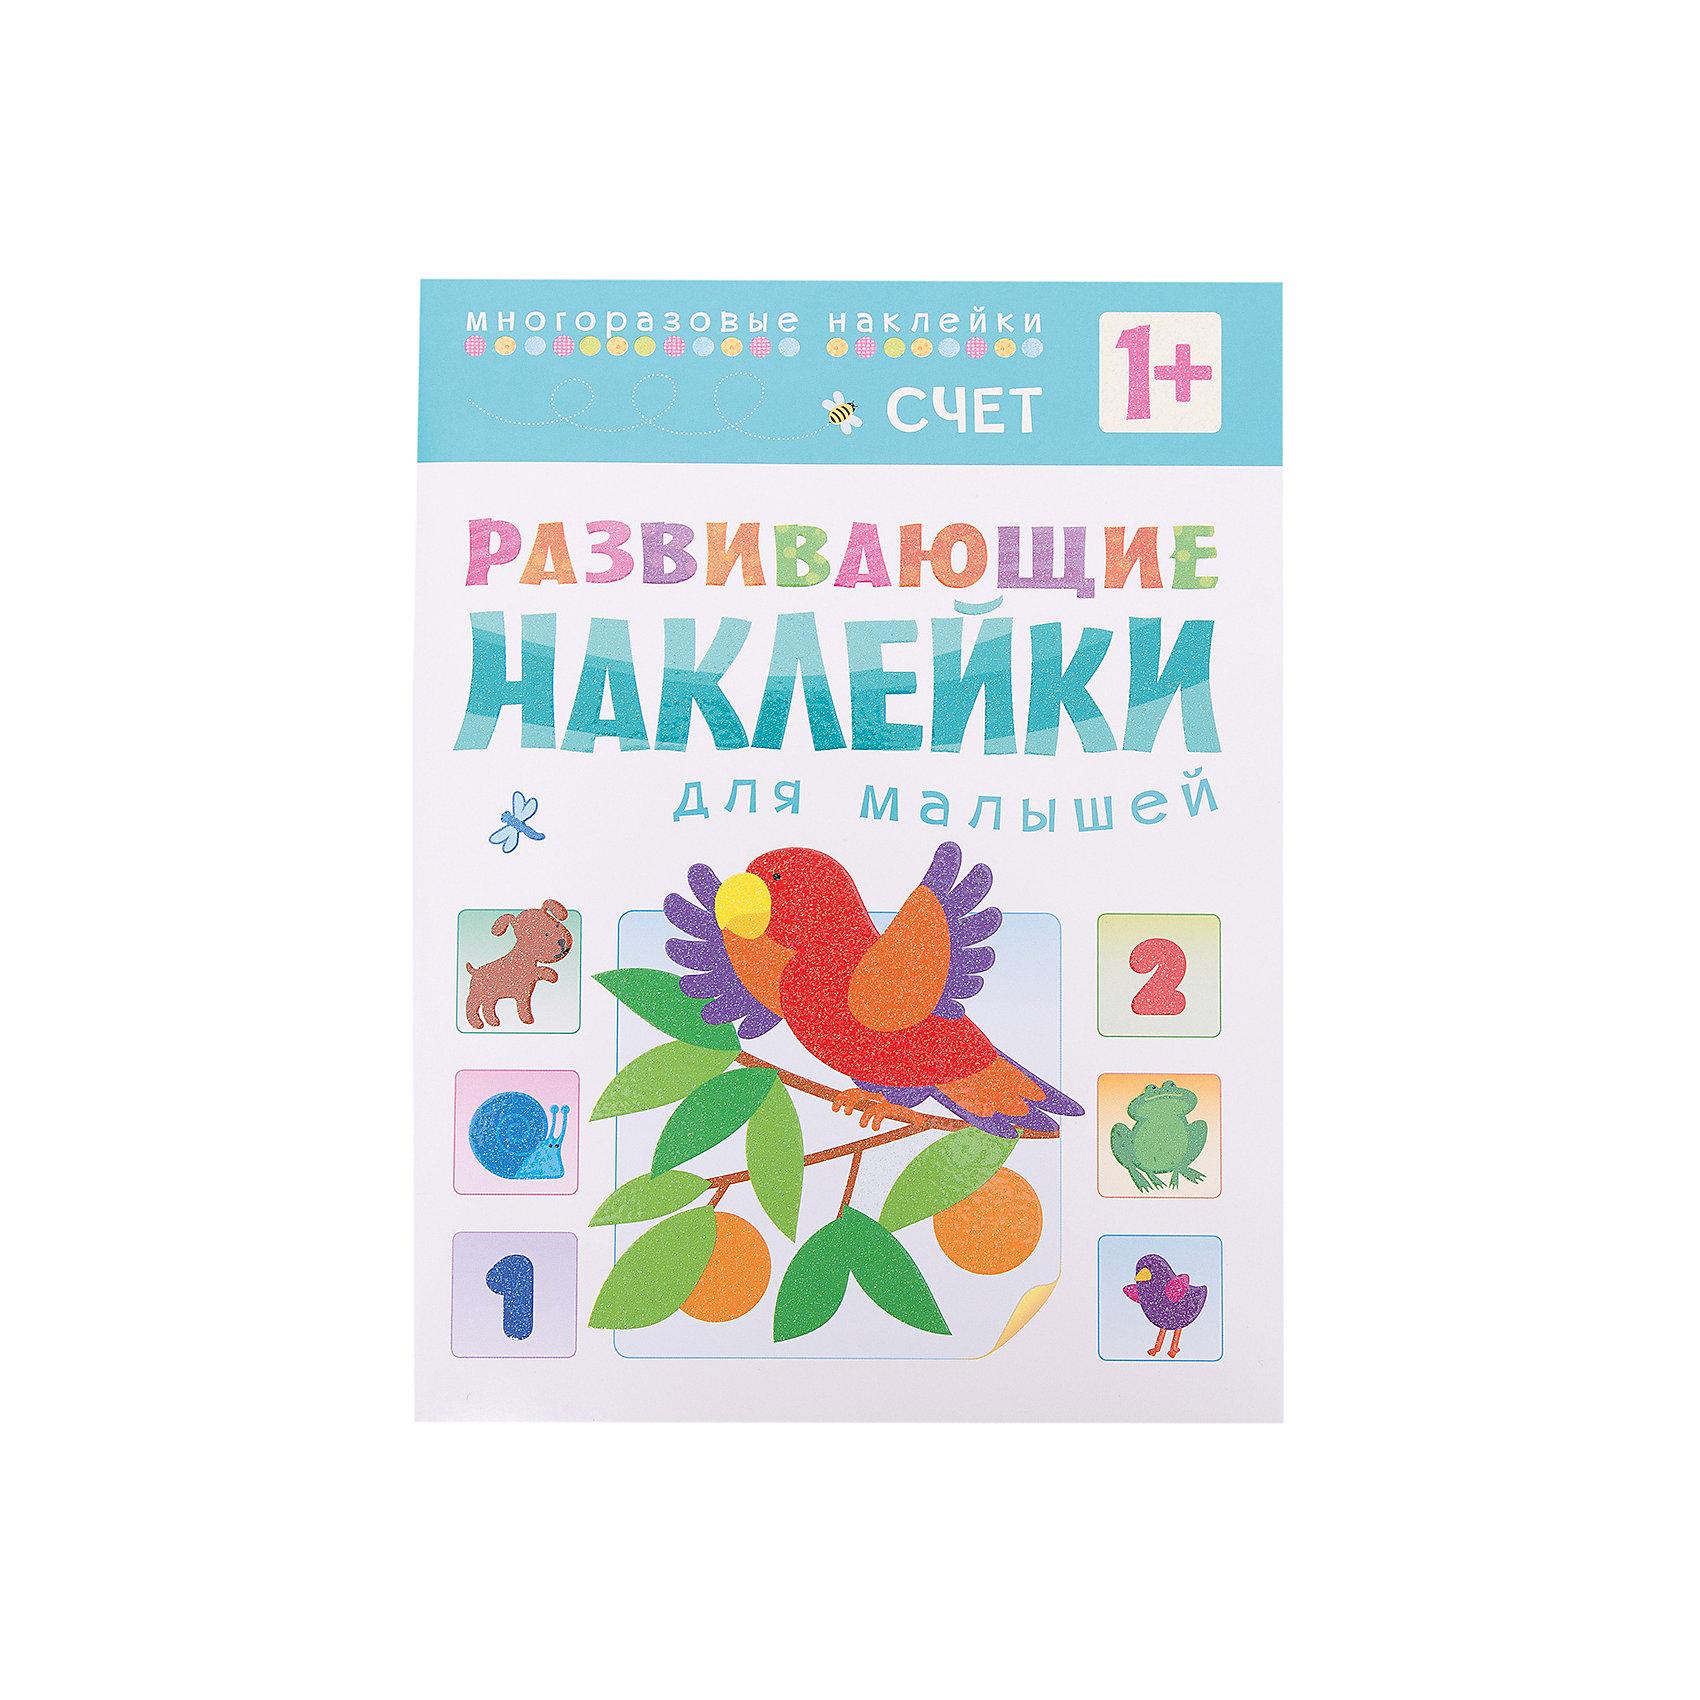 Счет, Развивающие наклейки для малышейОбучение счету<br>Характеристики книги Счет:<br><br>• возраст: от 12 месяцев<br>• пол: для мальчиков и девочек<br>• материал: бумага<br>• количество страниц: 8<br>• размер 19.5x25.5 см.<br>• редактор: Валерия Вилюнова<br>• иллюстратор: Татьяна Савушкина<br>• тип обложки: мягкая.<br>• иллюстрации: цветные.<br>• бренд: Мозаика-Синтез<br>• страна обладатель бренда: Россия.<br>• страна изготовитель: Россия<br><br>Эта книжка с наклейками предназначена для самых маленьких читателей. Уже в 1 год ребенок способен выполнять задания, приклеивая наклейки в нужное место. Это занятие не только приносит малышу удовольствие и радость, но и способствует развитию речи, интеллекта, мелкой моторики, координации движений, умения находить и принимать решения; расширяет представления об окружающем мире. <br><br>Книга поможет малышу в игровой форме освоить счет до 5. Наклеивая на страницы красных божьих коровок, желтых пчел, зеленых лягушек и синих стрекоз, ребенок считает их и запоминает цифры в пределах 5, а заодно знакомится с основными цветами. Наклейки в книге многоразовые, так что ребенок может смело экспериментировать, не боясь ошибиться.<br><br>Книгу Счет издательства Мозаика-Синтез можно купить в нашем интернет-магазине.<br><br>Ширина мм: 2<br>Глубина мм: 195<br>Высота мм: 255<br>Вес г: 64<br>Возраст от месяцев: 12<br>Возраст до месяцев: 36<br>Пол: Унисекс<br>Возраст: Детский<br>SKU: 5362860